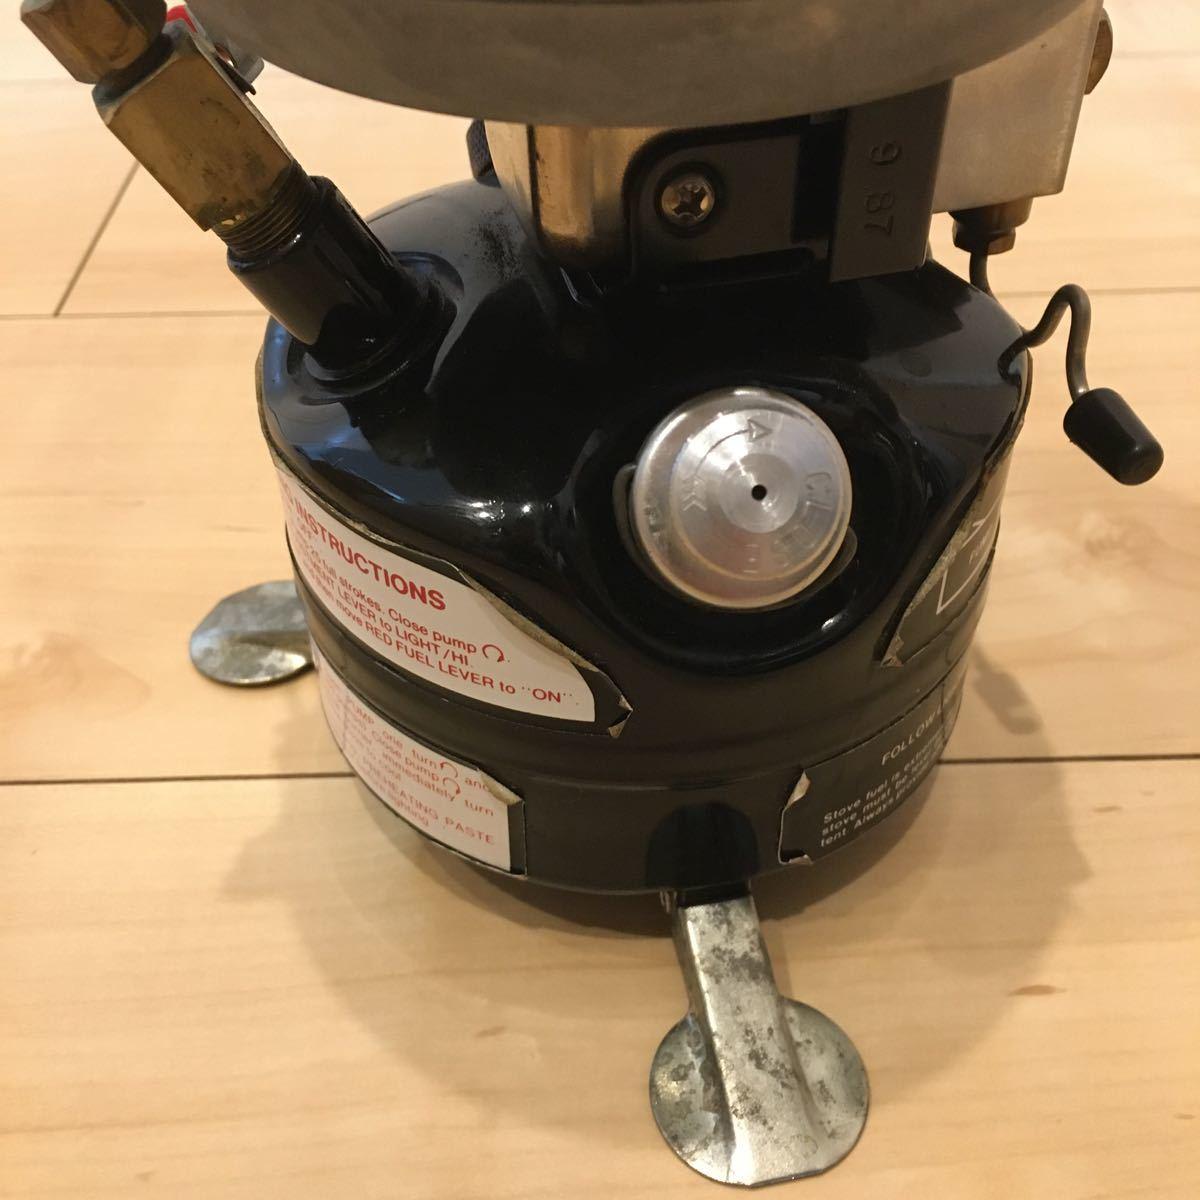 Coleman コールマン シングルバーナー MODEL PEAK1 400A701 STOVE ツーレバーモデル